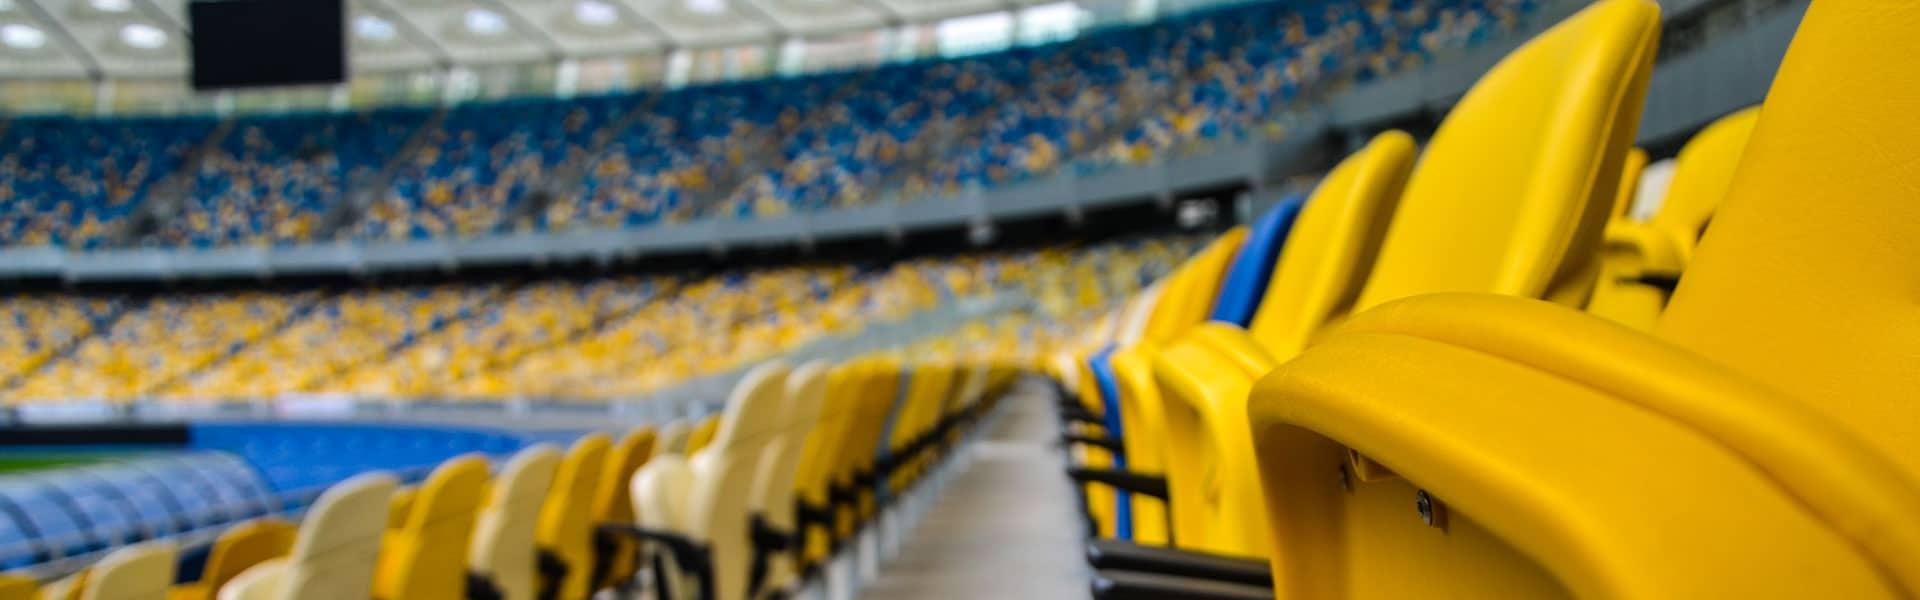 Fußball EM - Austragungsorte in der Ukraine